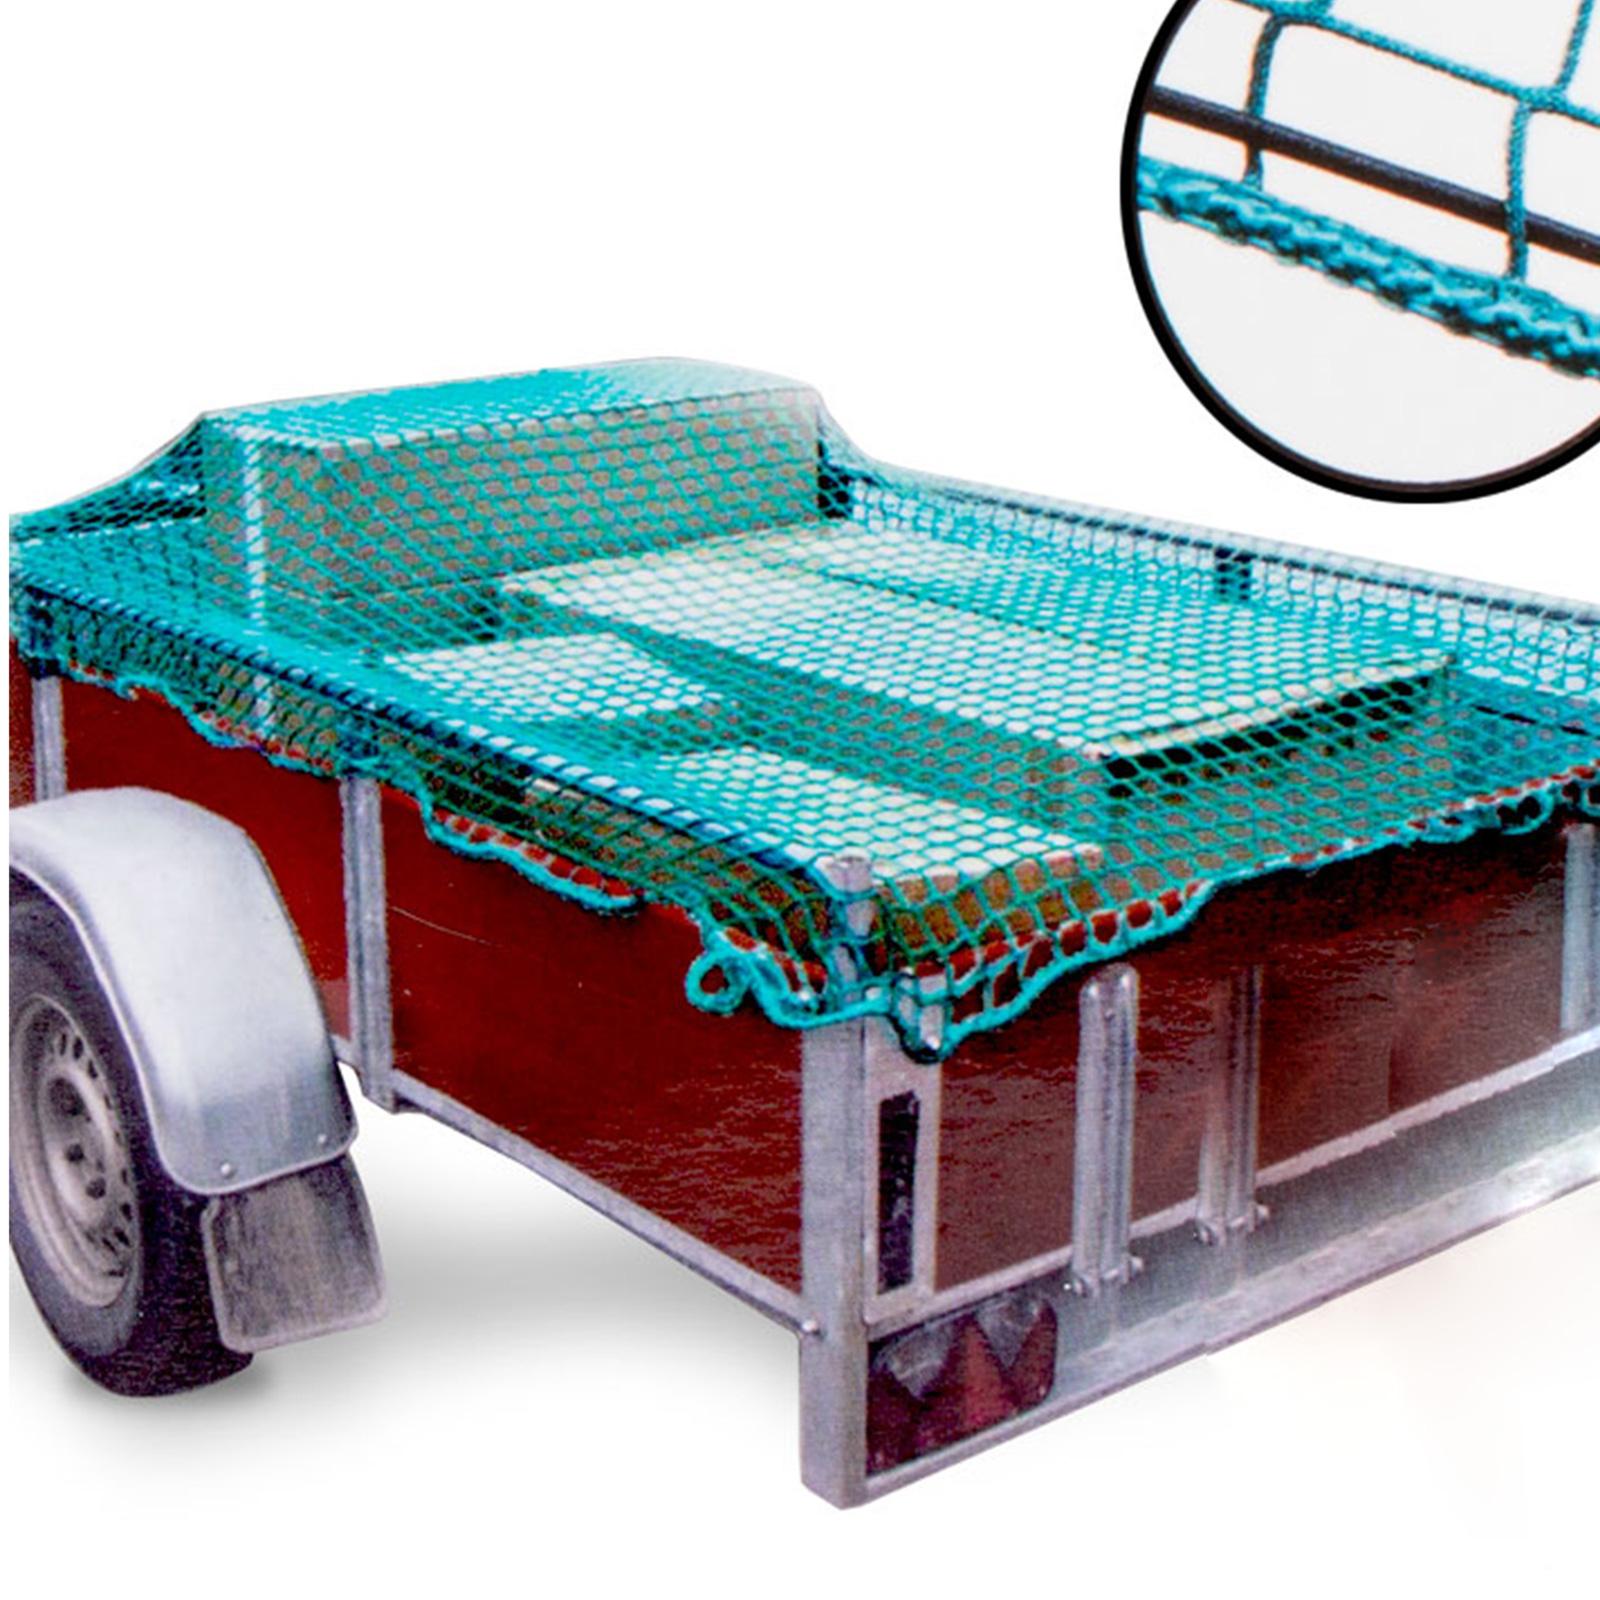 Anhänger Sicherheitsnetz mit Gummizug 1,50 x 2,20 Meter